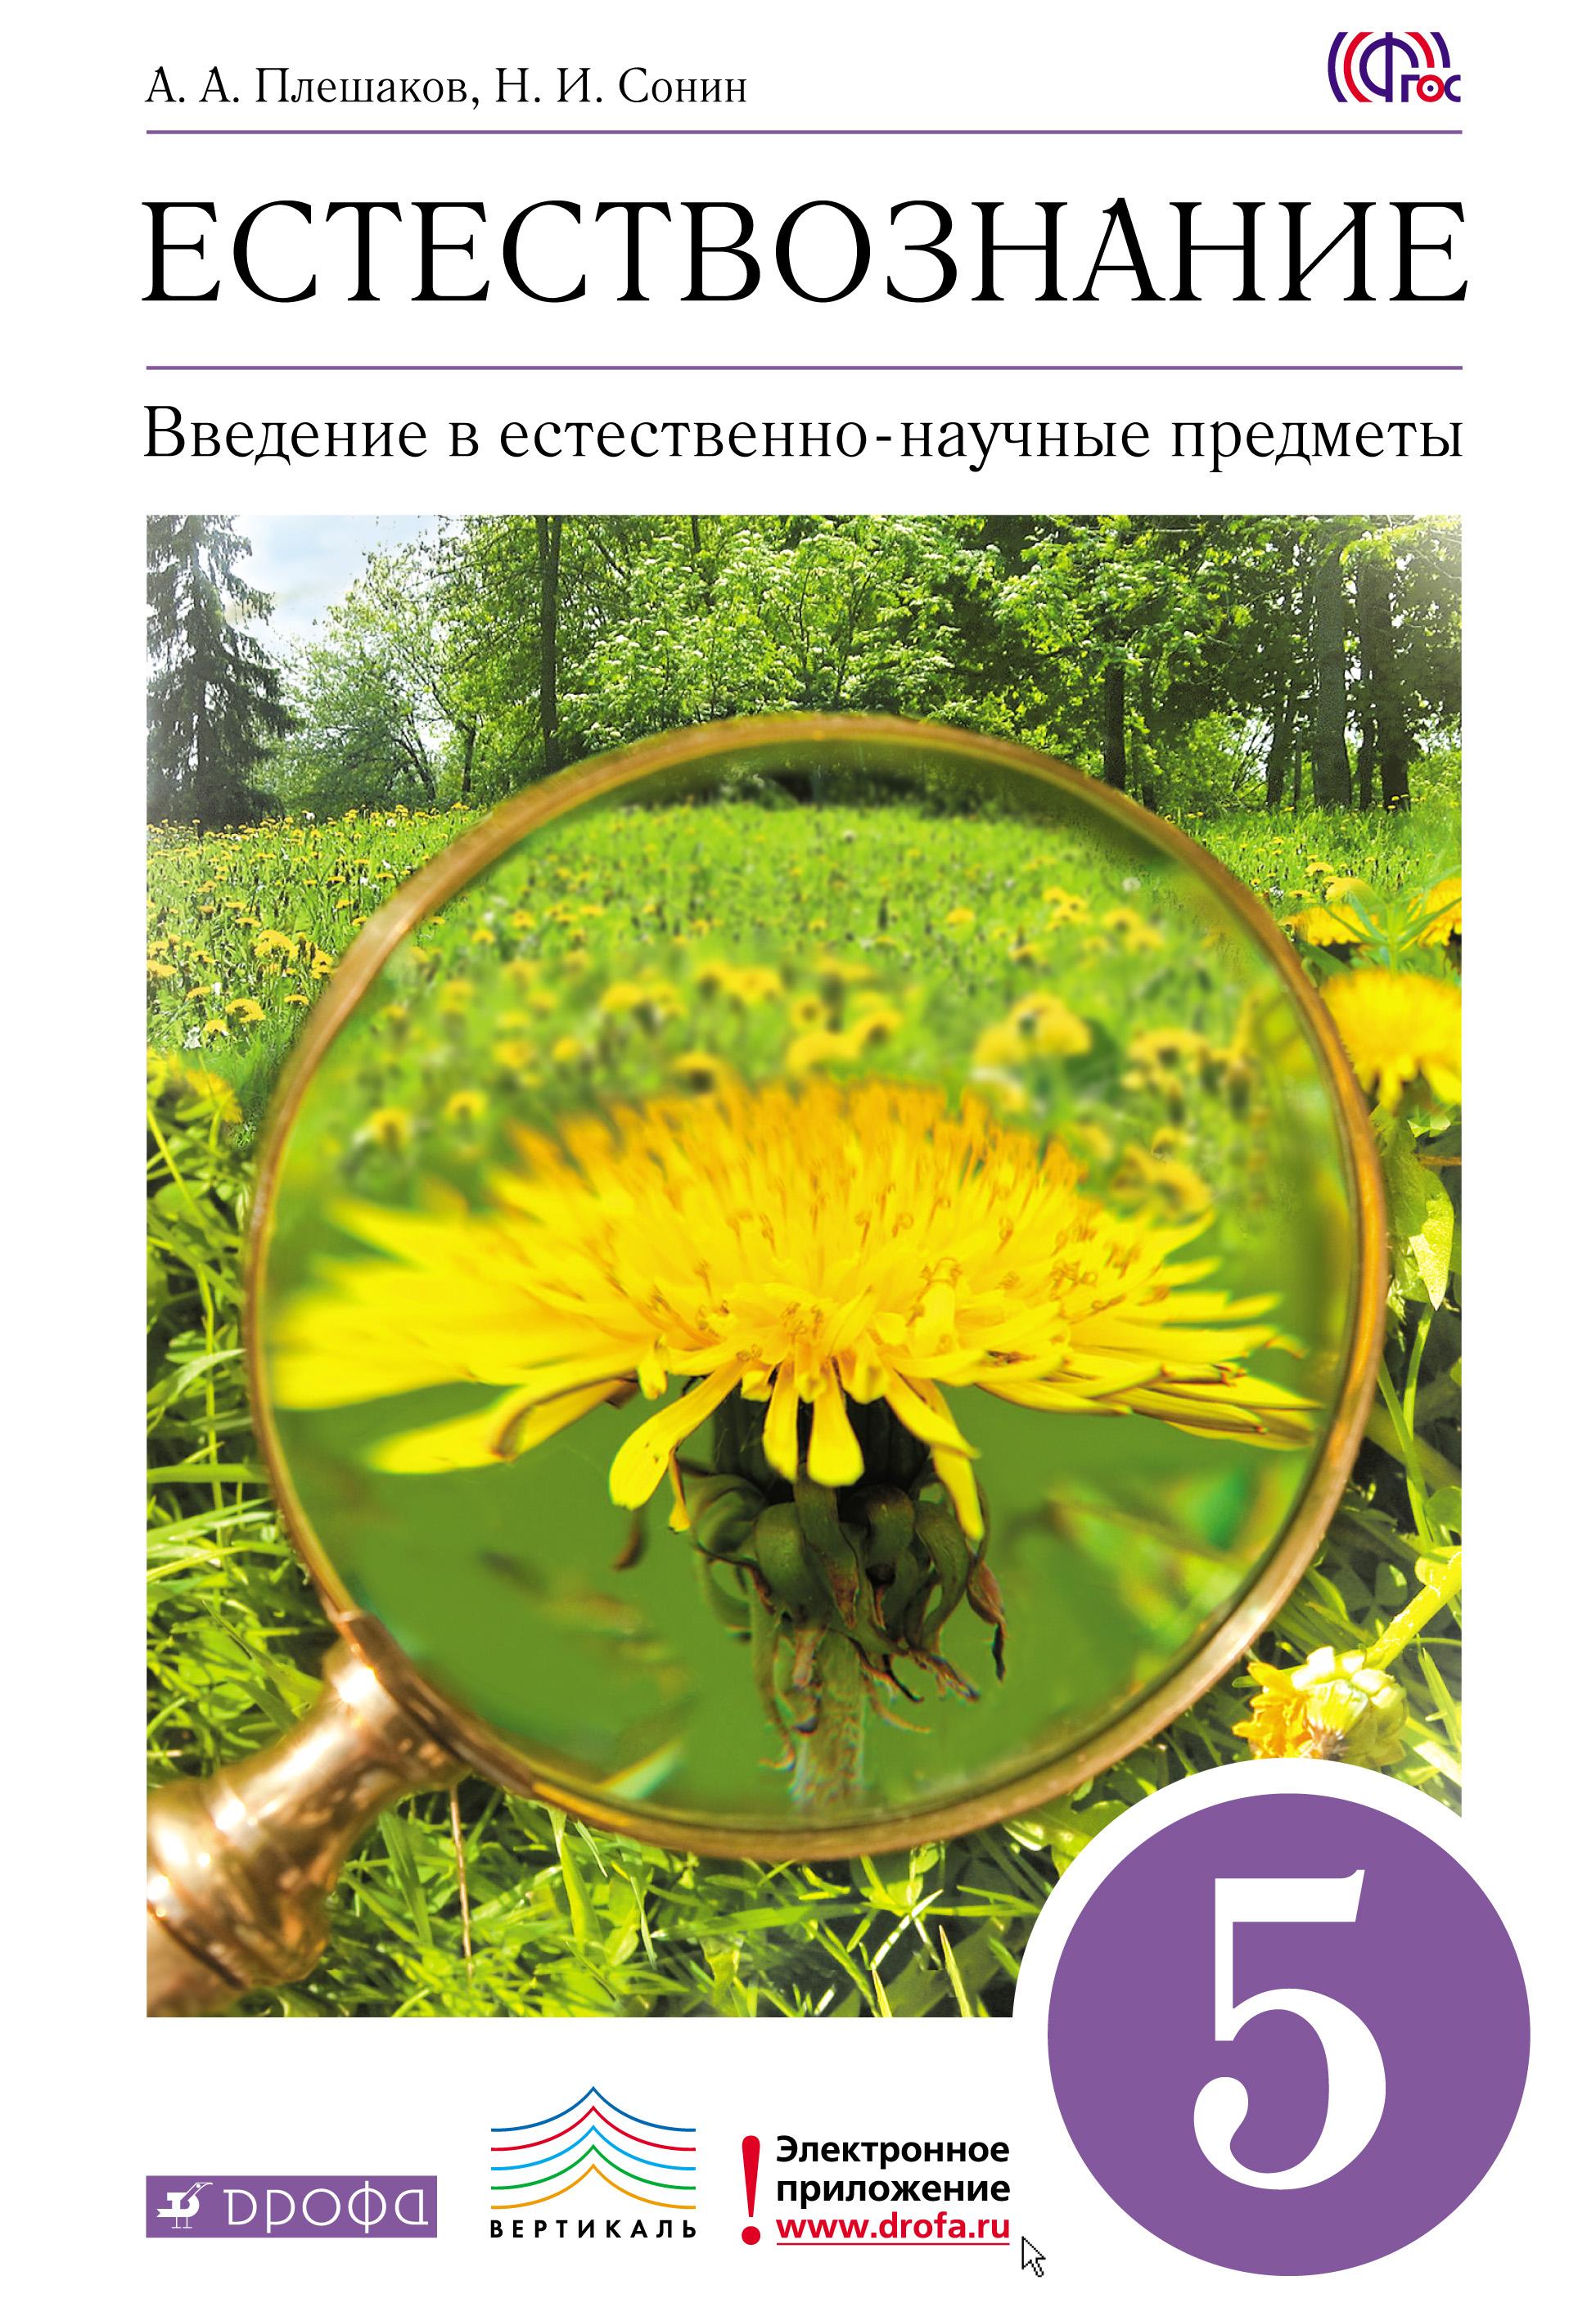 А. А. Плешаков Введение в естественно-научные предметы. Естествознание. 5 класс сиротин в ред естествознание введение в естественно научные предметы 5 класс контурные карты